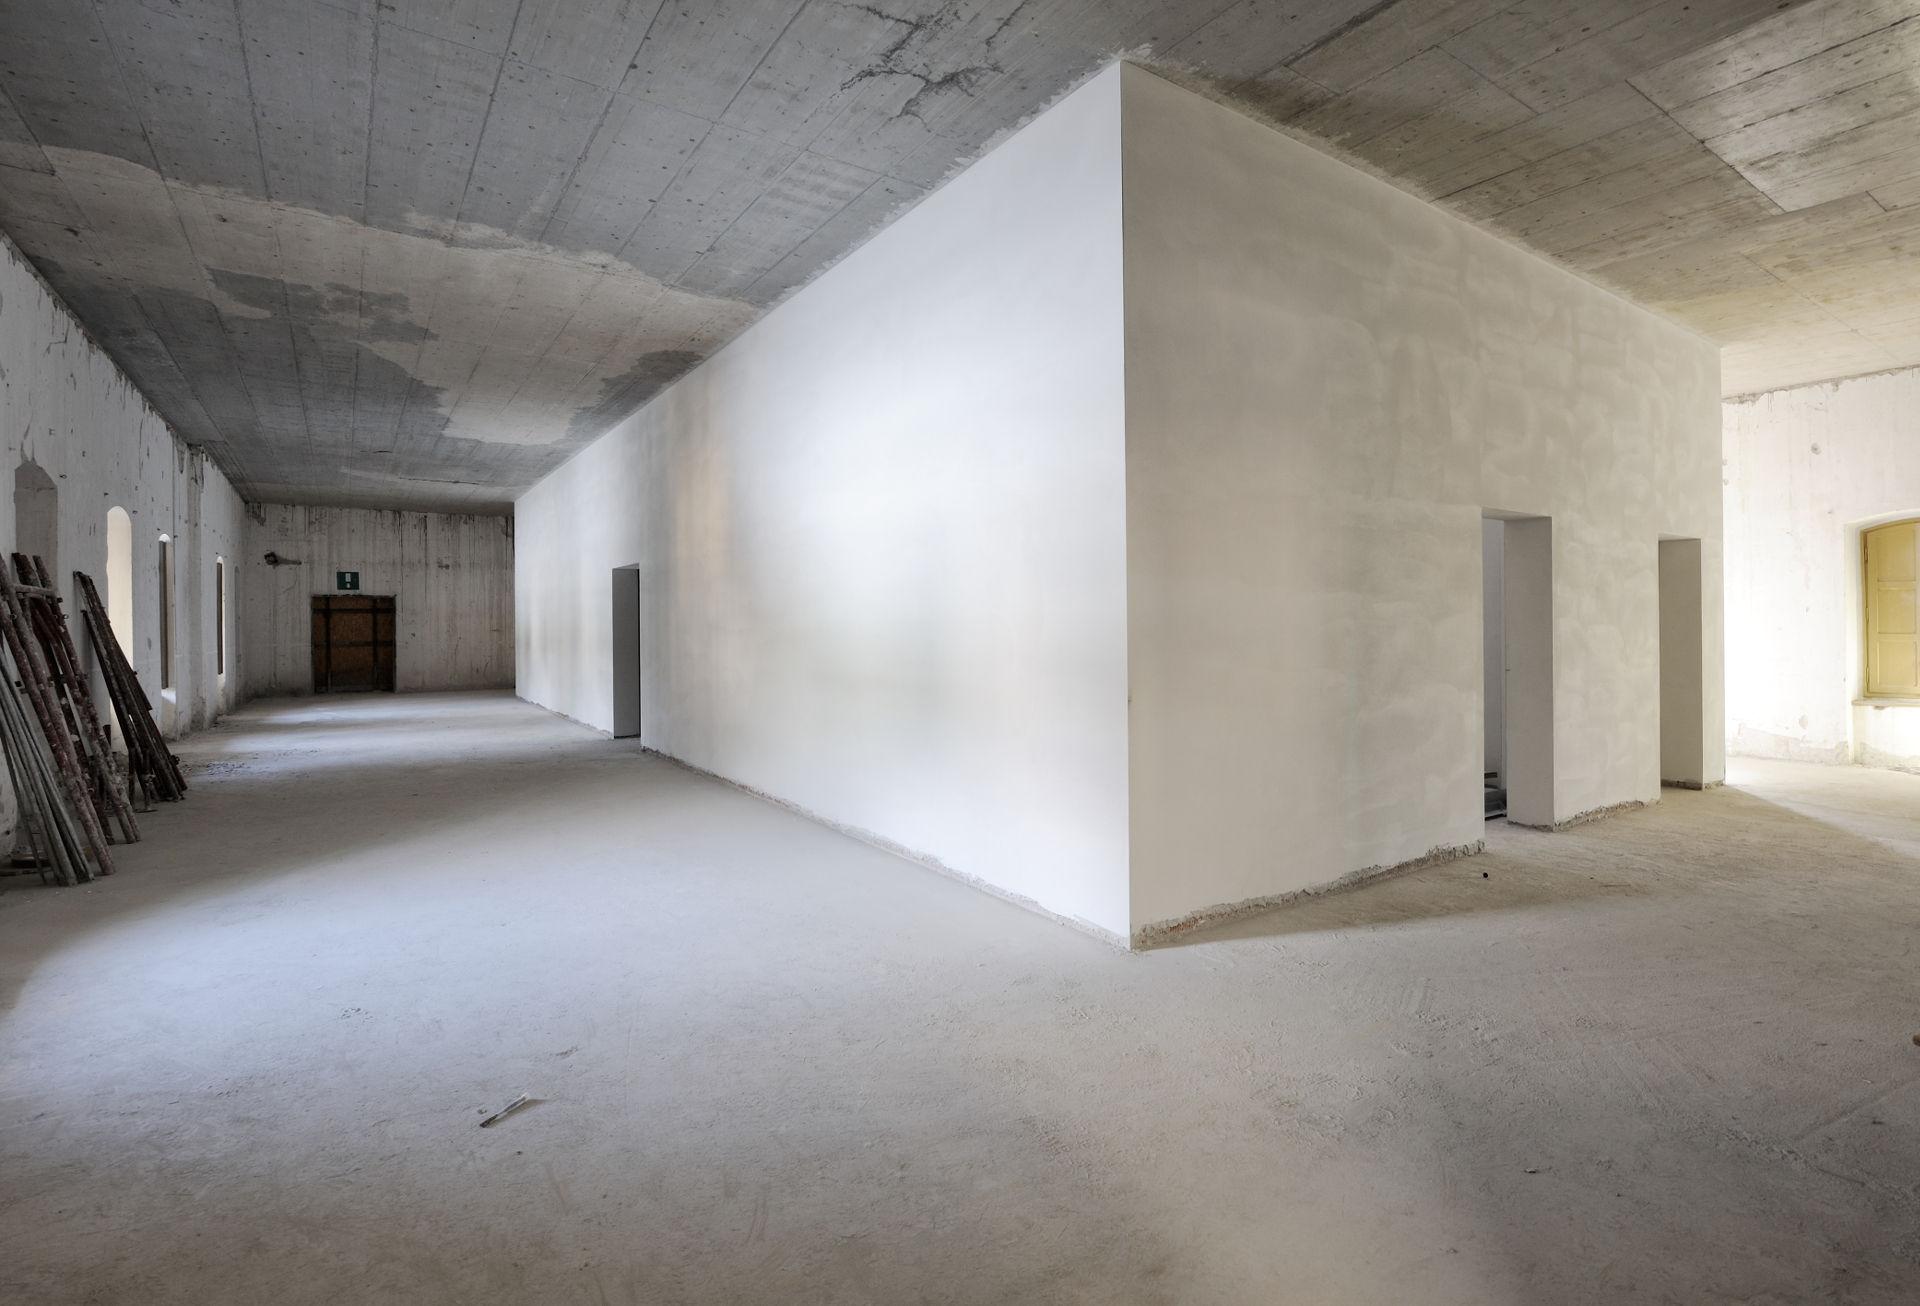 Laboratorio di ricerca Rovereto - image 2